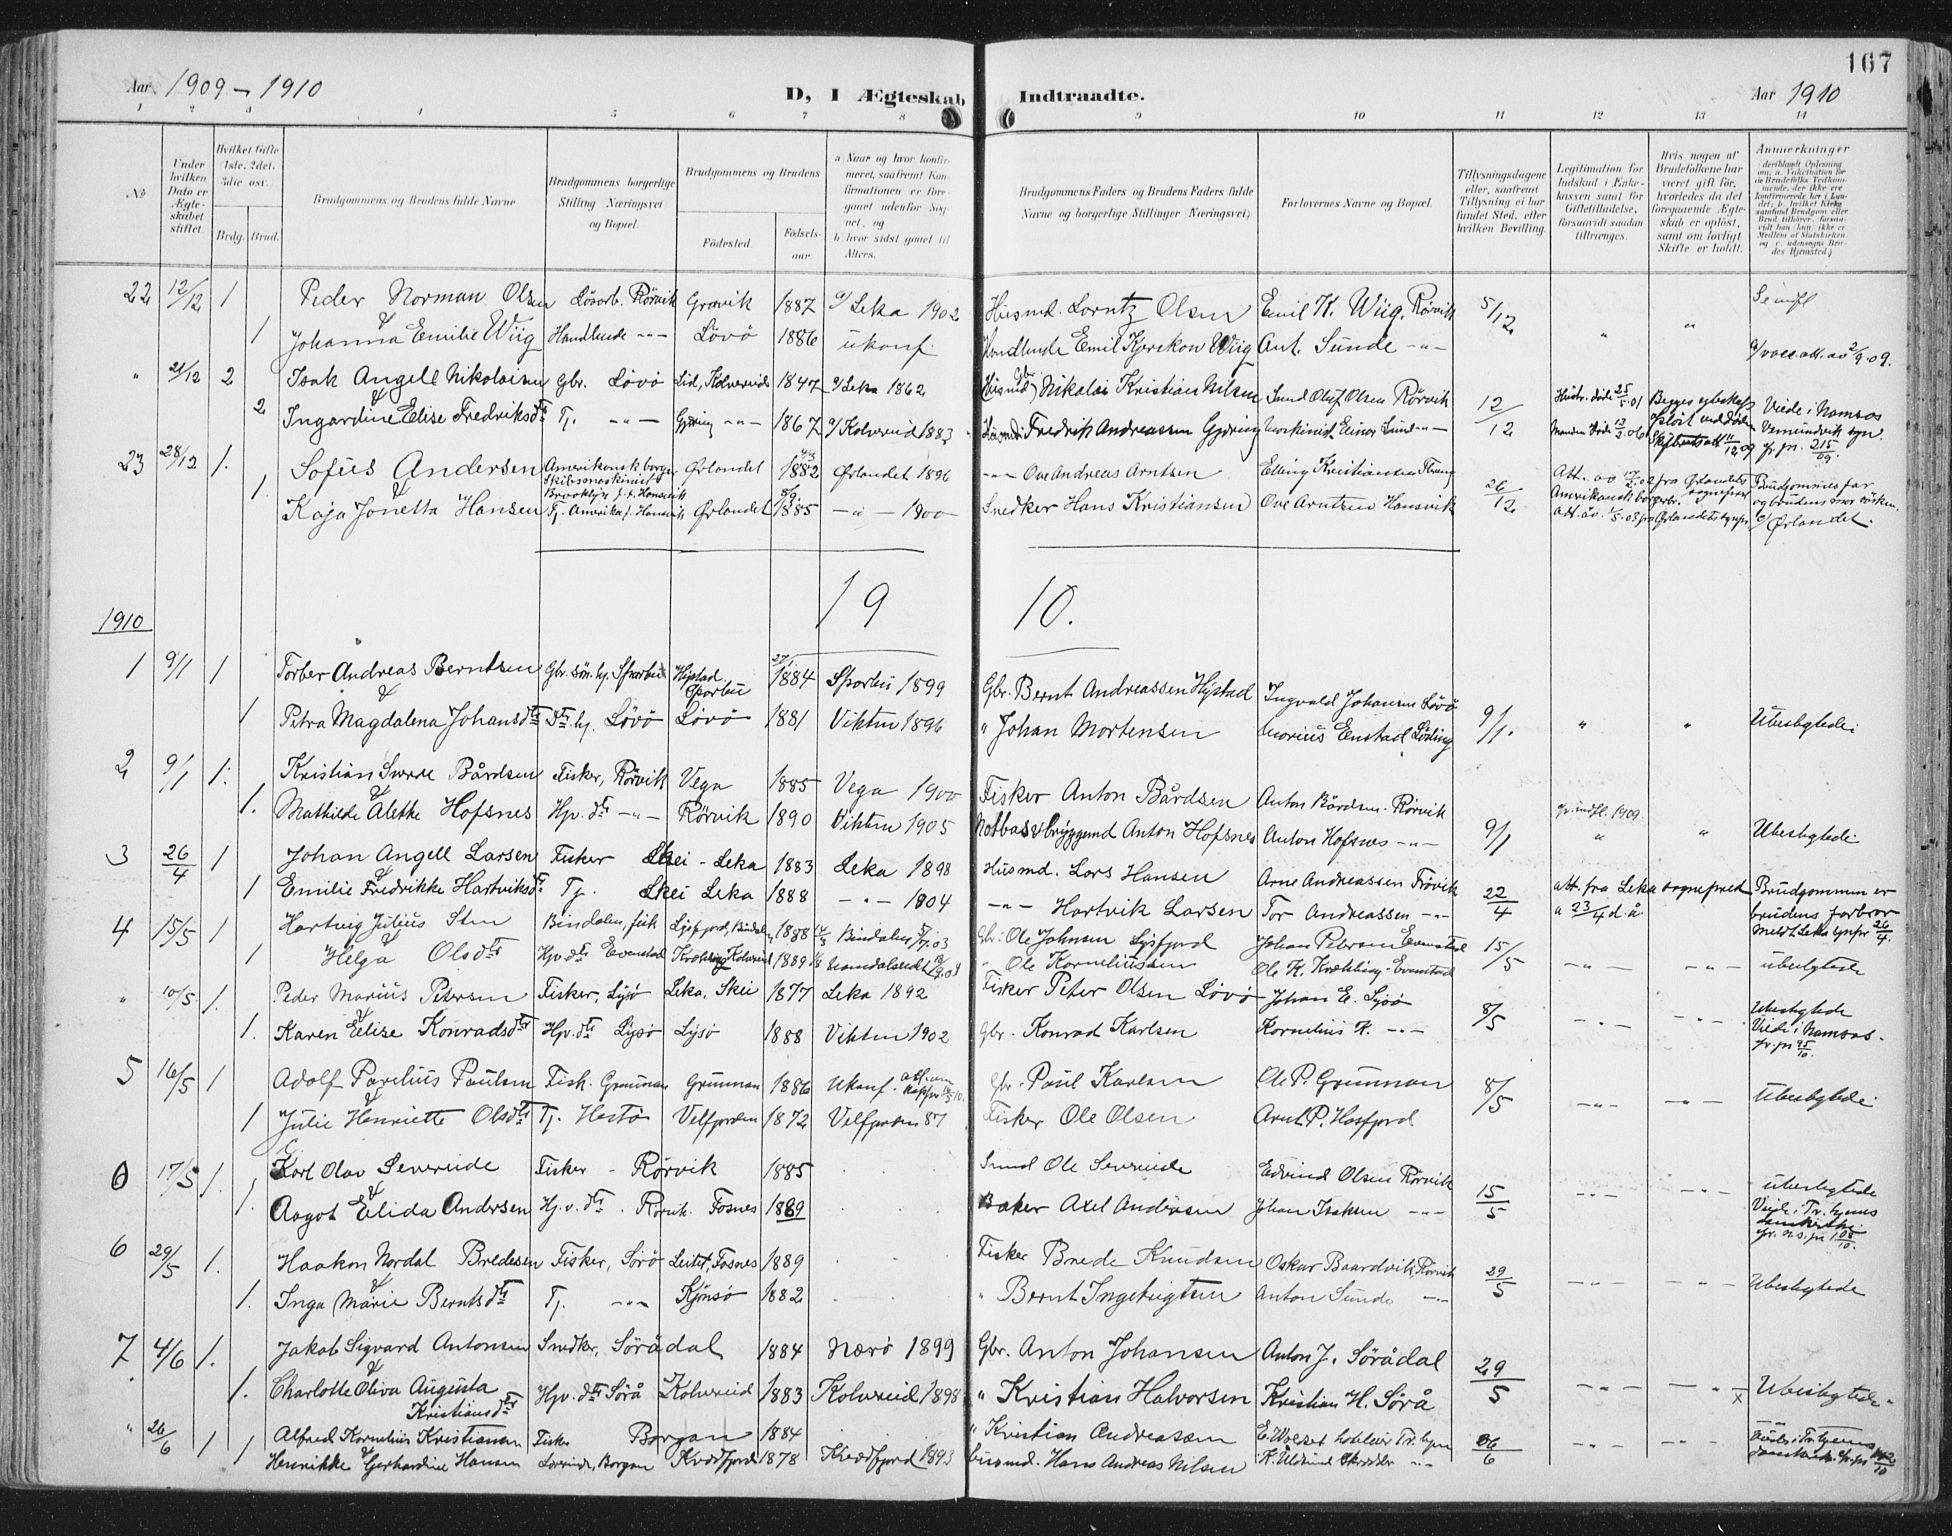 SAT, Ministerialprotokoller, klokkerbøker og fødselsregistre - Nord-Trøndelag, 786/L0688: Ministerialbok nr. 786A04, 1899-1912, s. 167